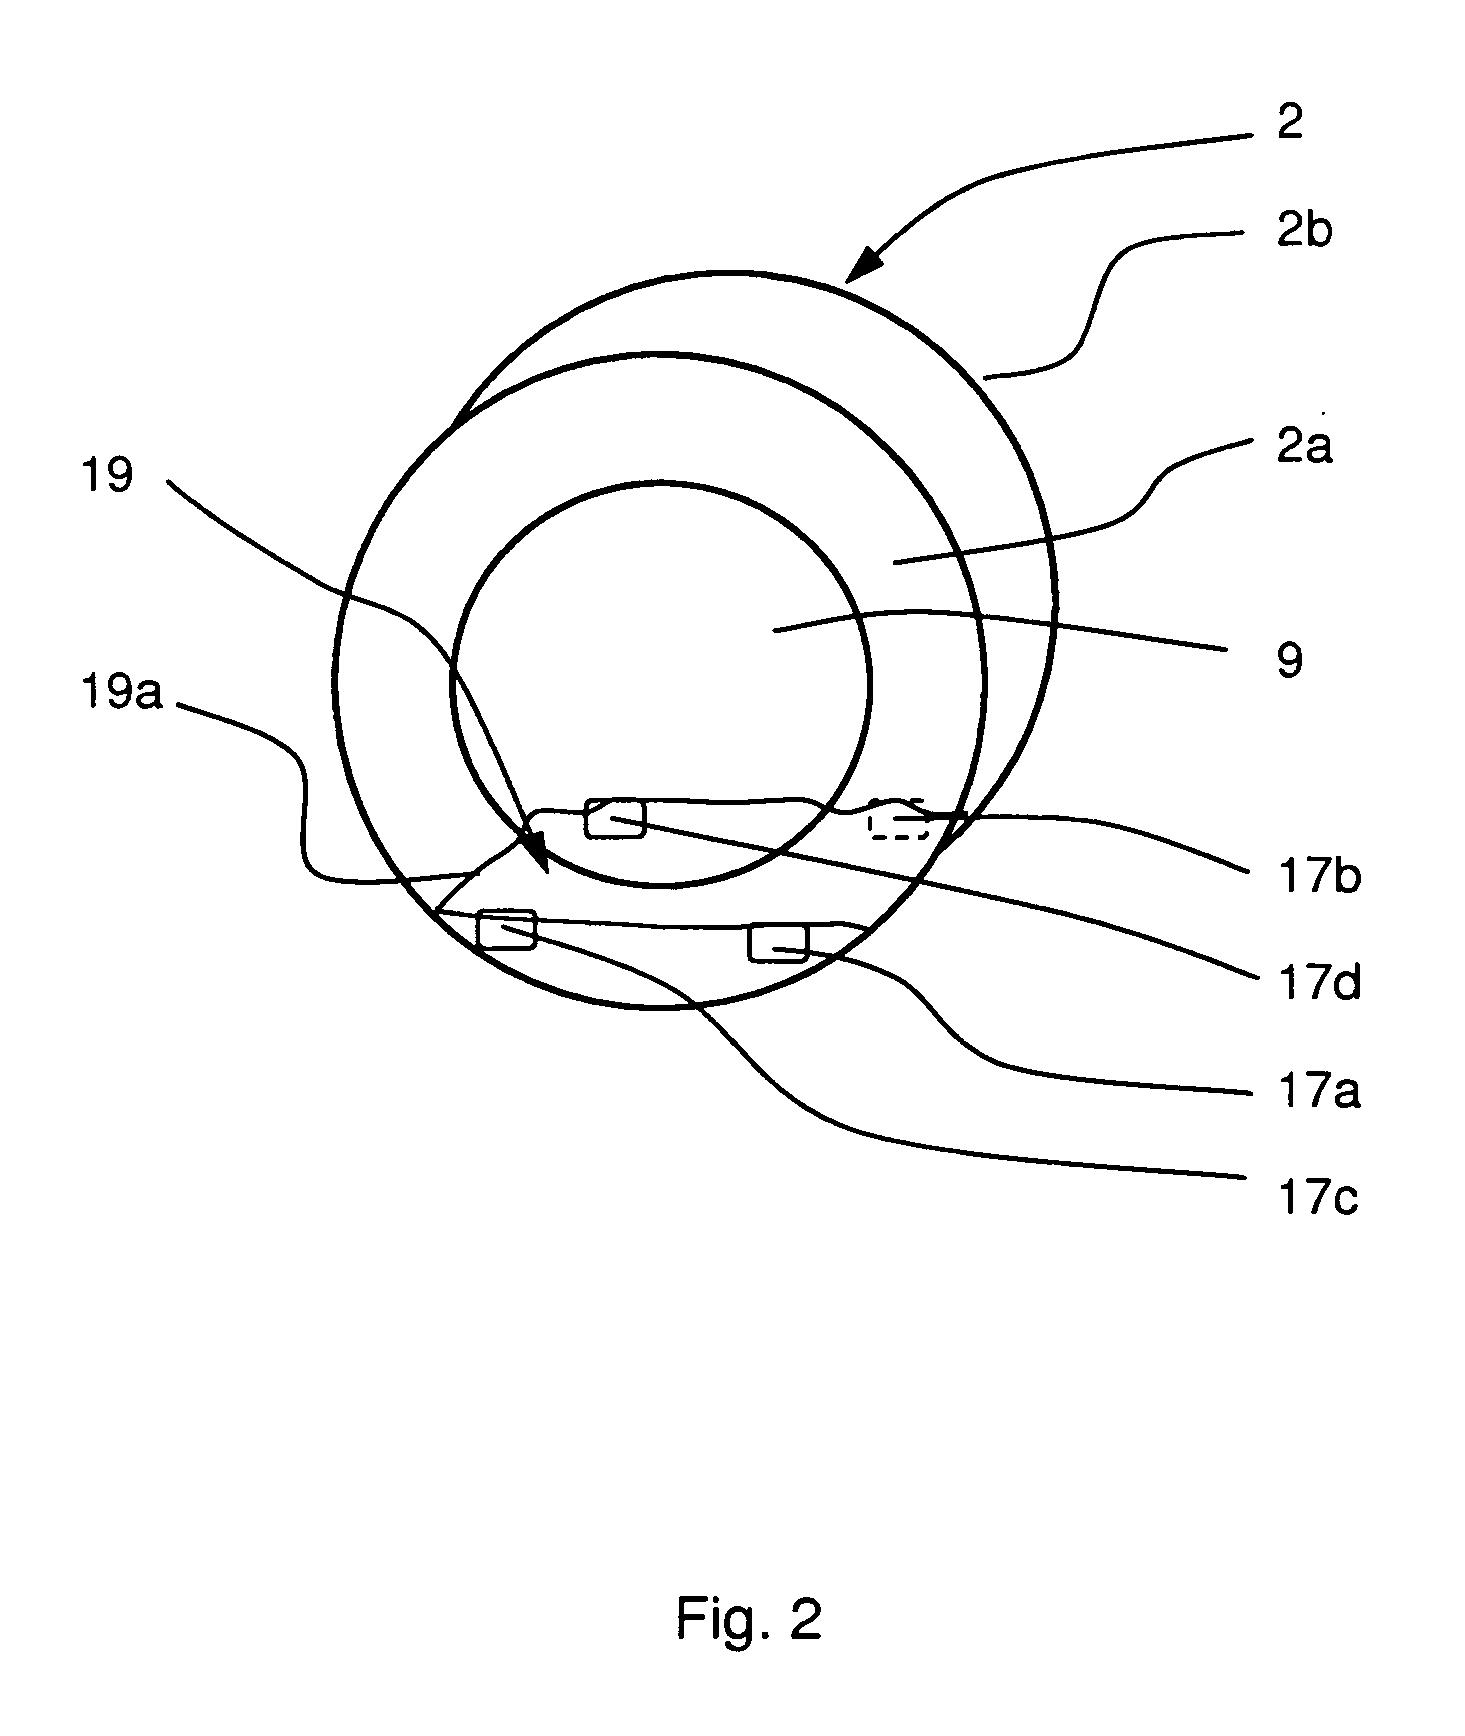 patent ep2383383b1 verfahren zum betreiben einer waschmaschine und waschmaschine google patents. Black Bedroom Furniture Sets. Home Design Ideas